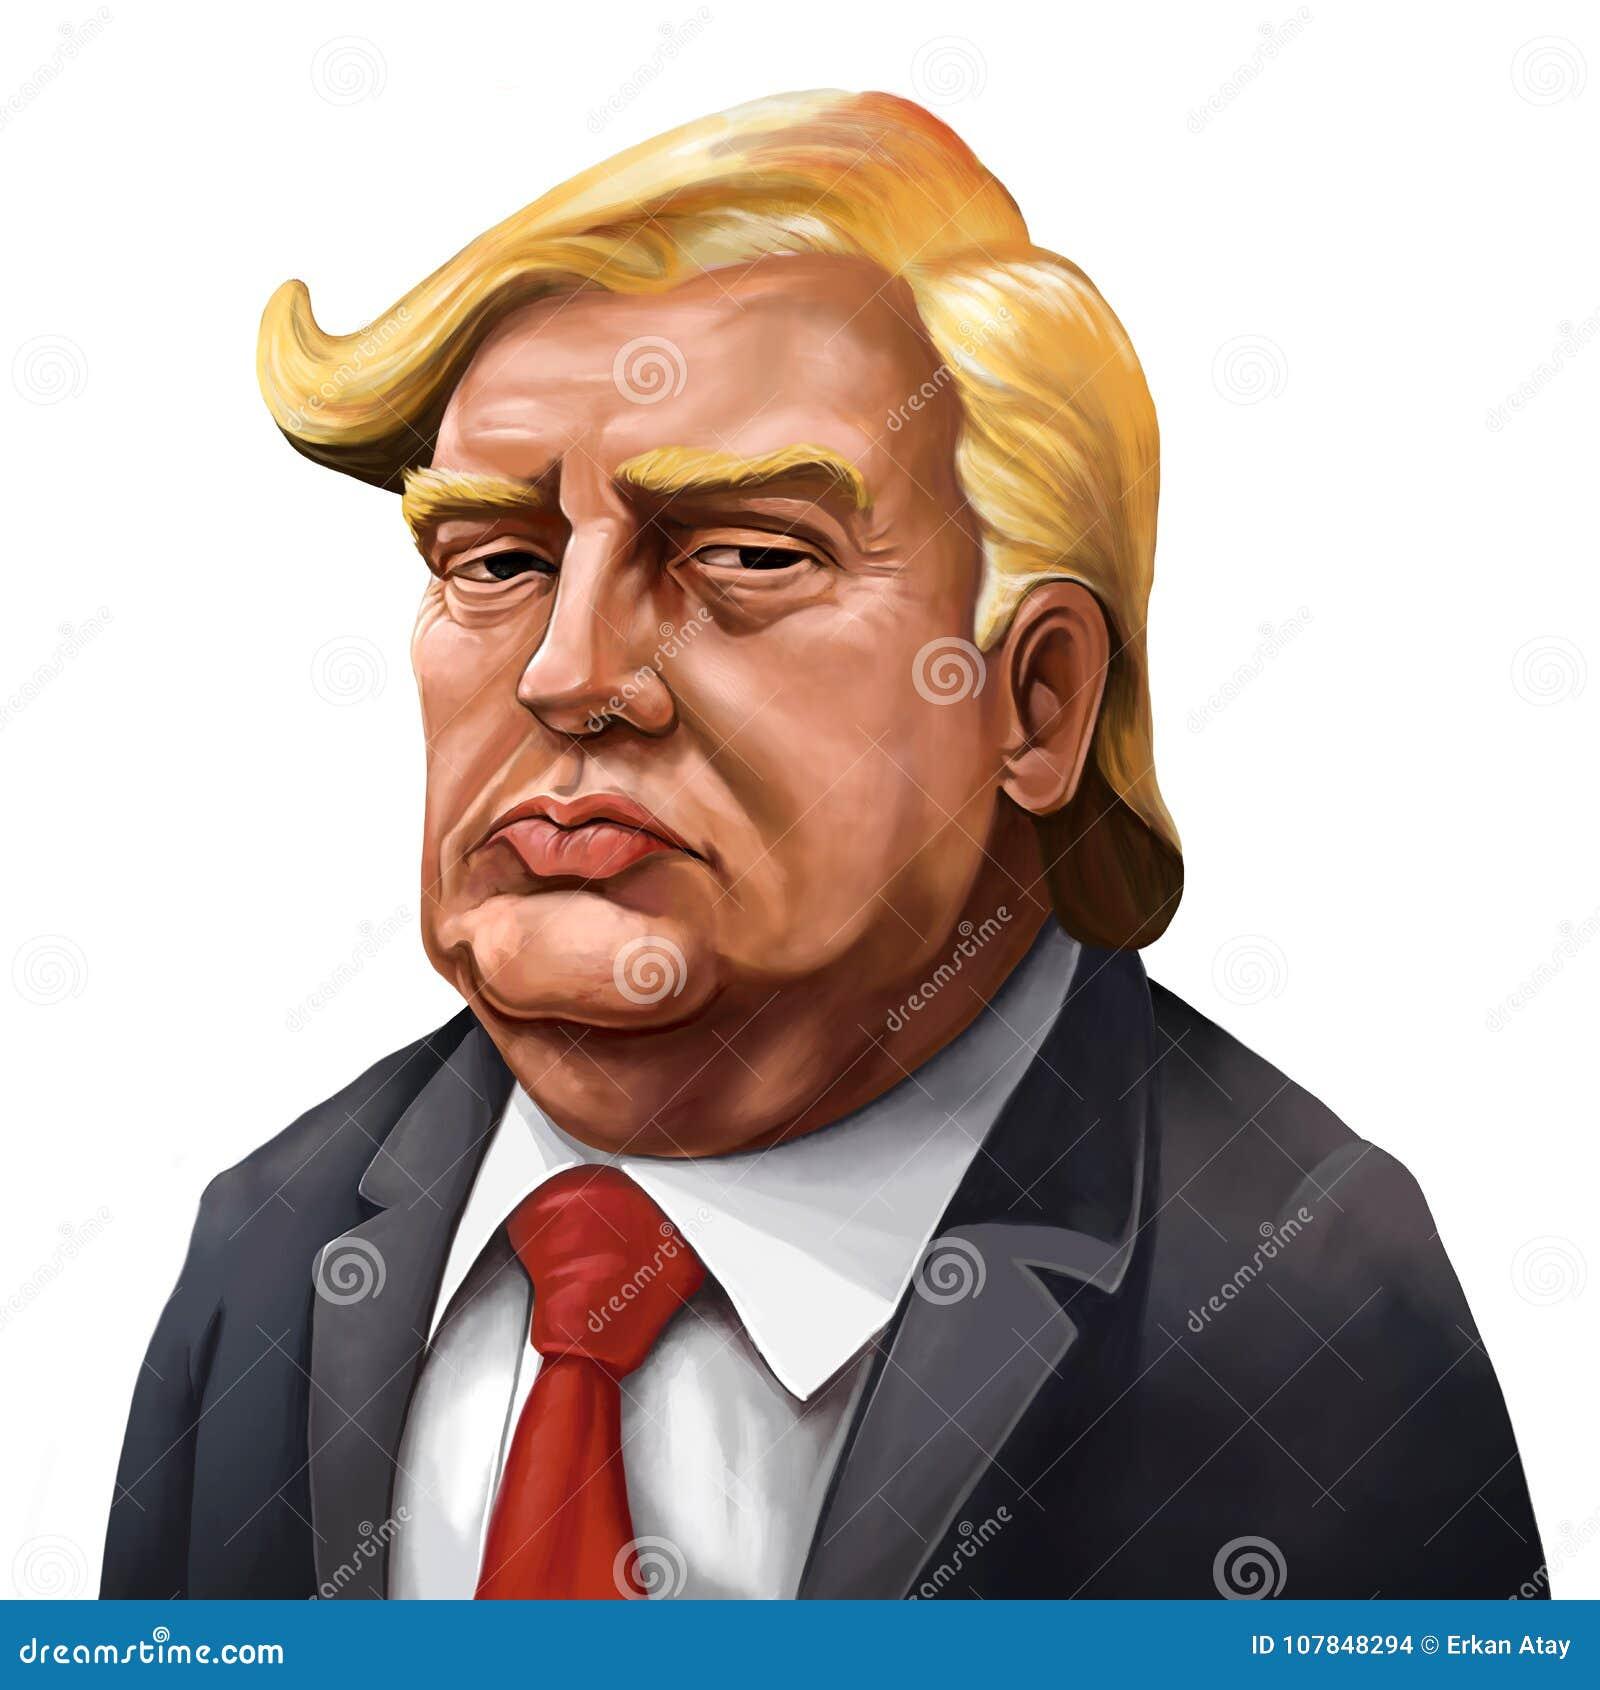 Cartoon Portrait of Donald Trump - Illustrated by Erkan Atay